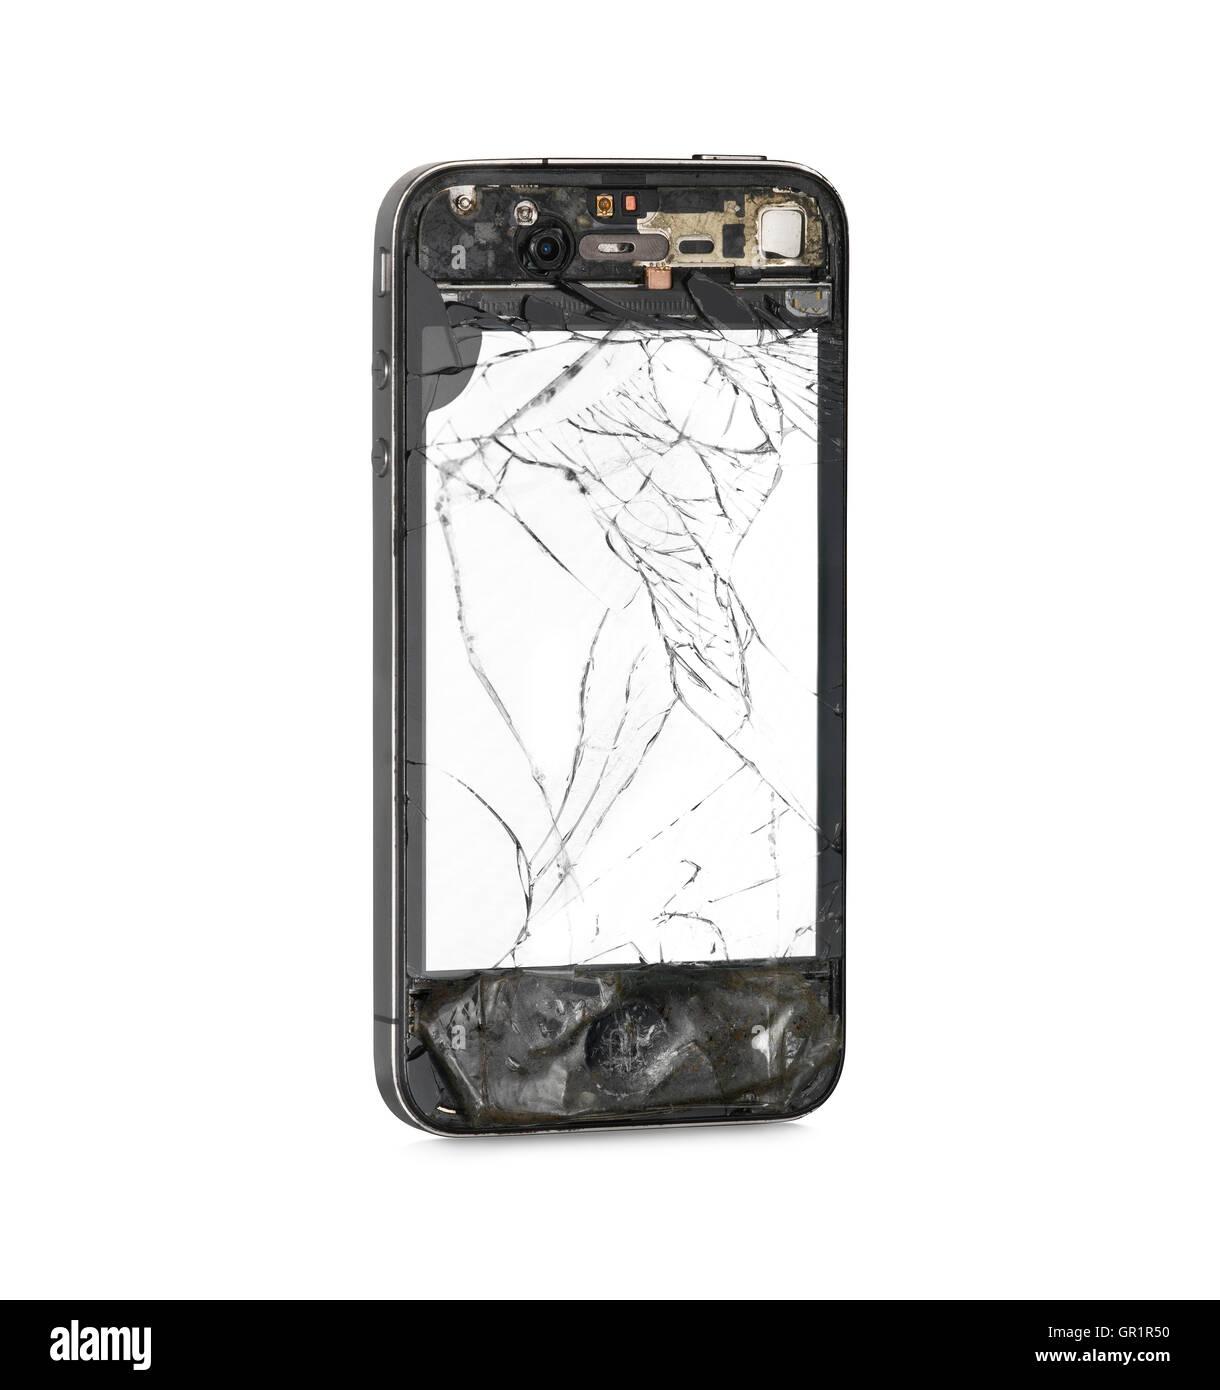 Danneggiato sul lato anteriore con schermo bianco di smart phone isolati su sfondo bianco. Tracciato di ritaglio Immagini Stock